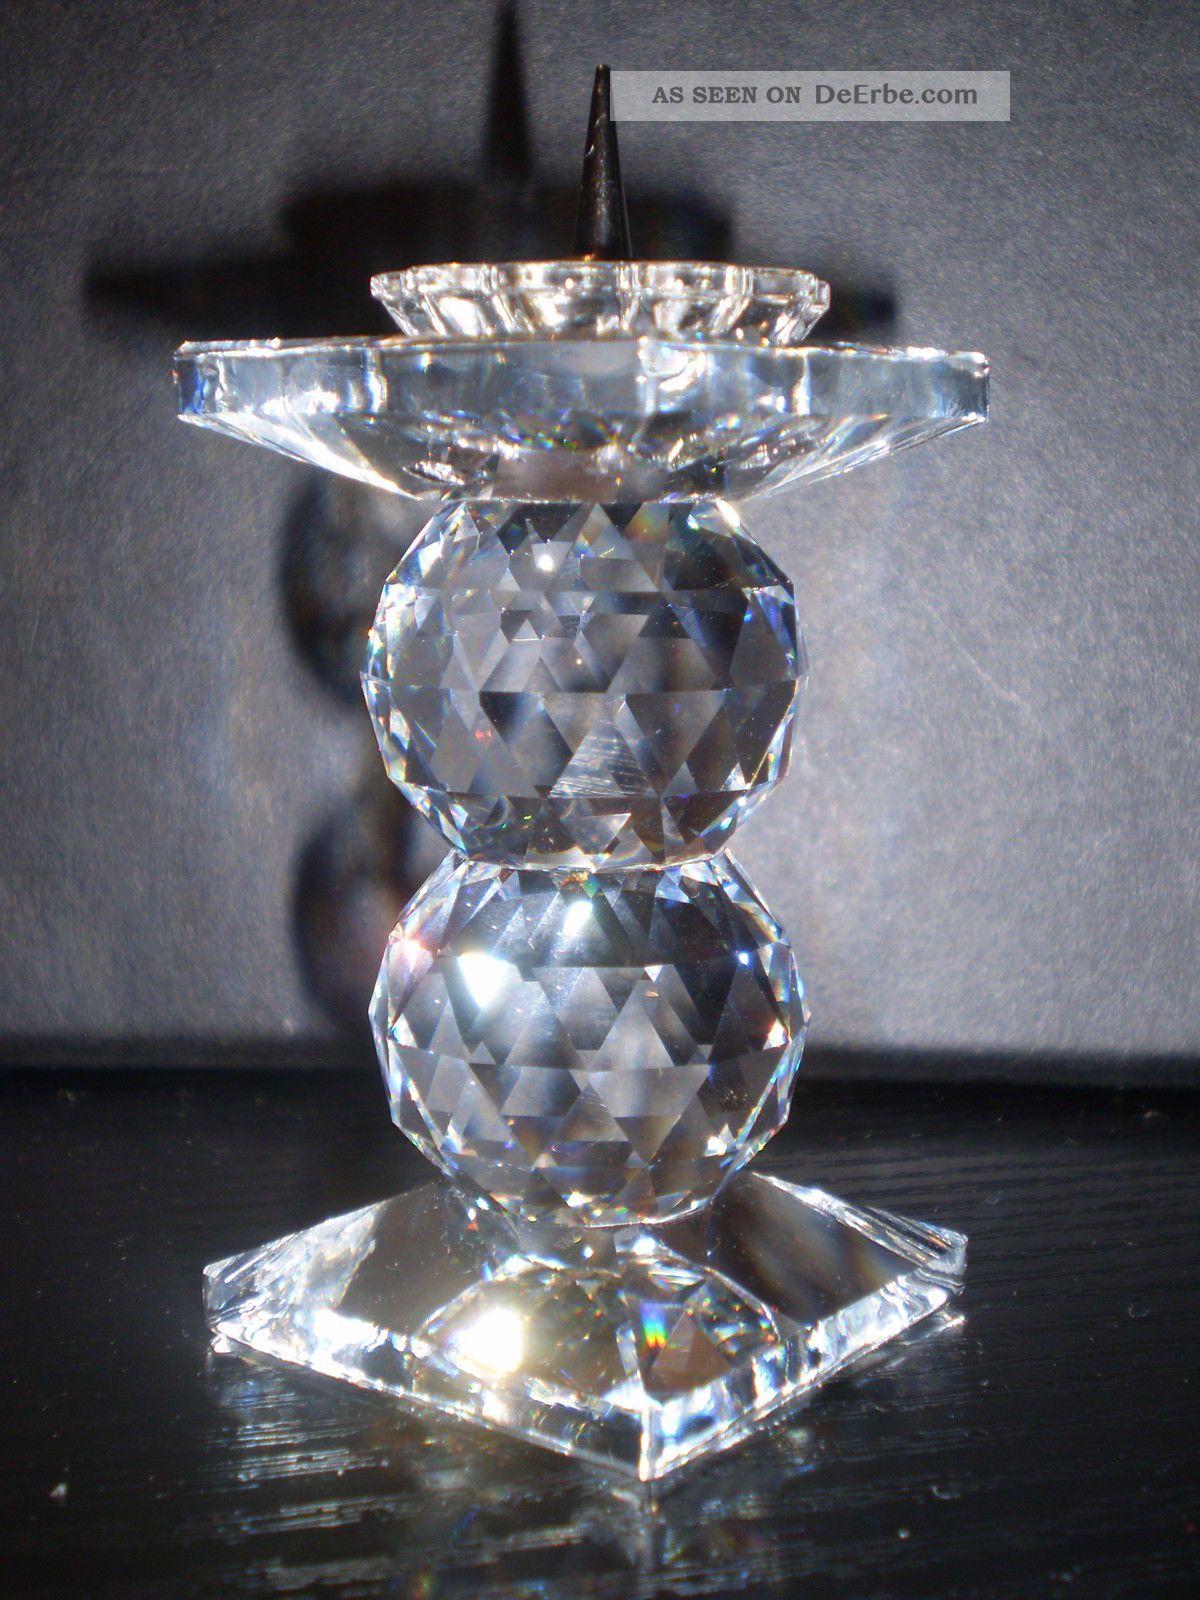 Kristall Deko glas kristall kristall dekoration antiquitäten